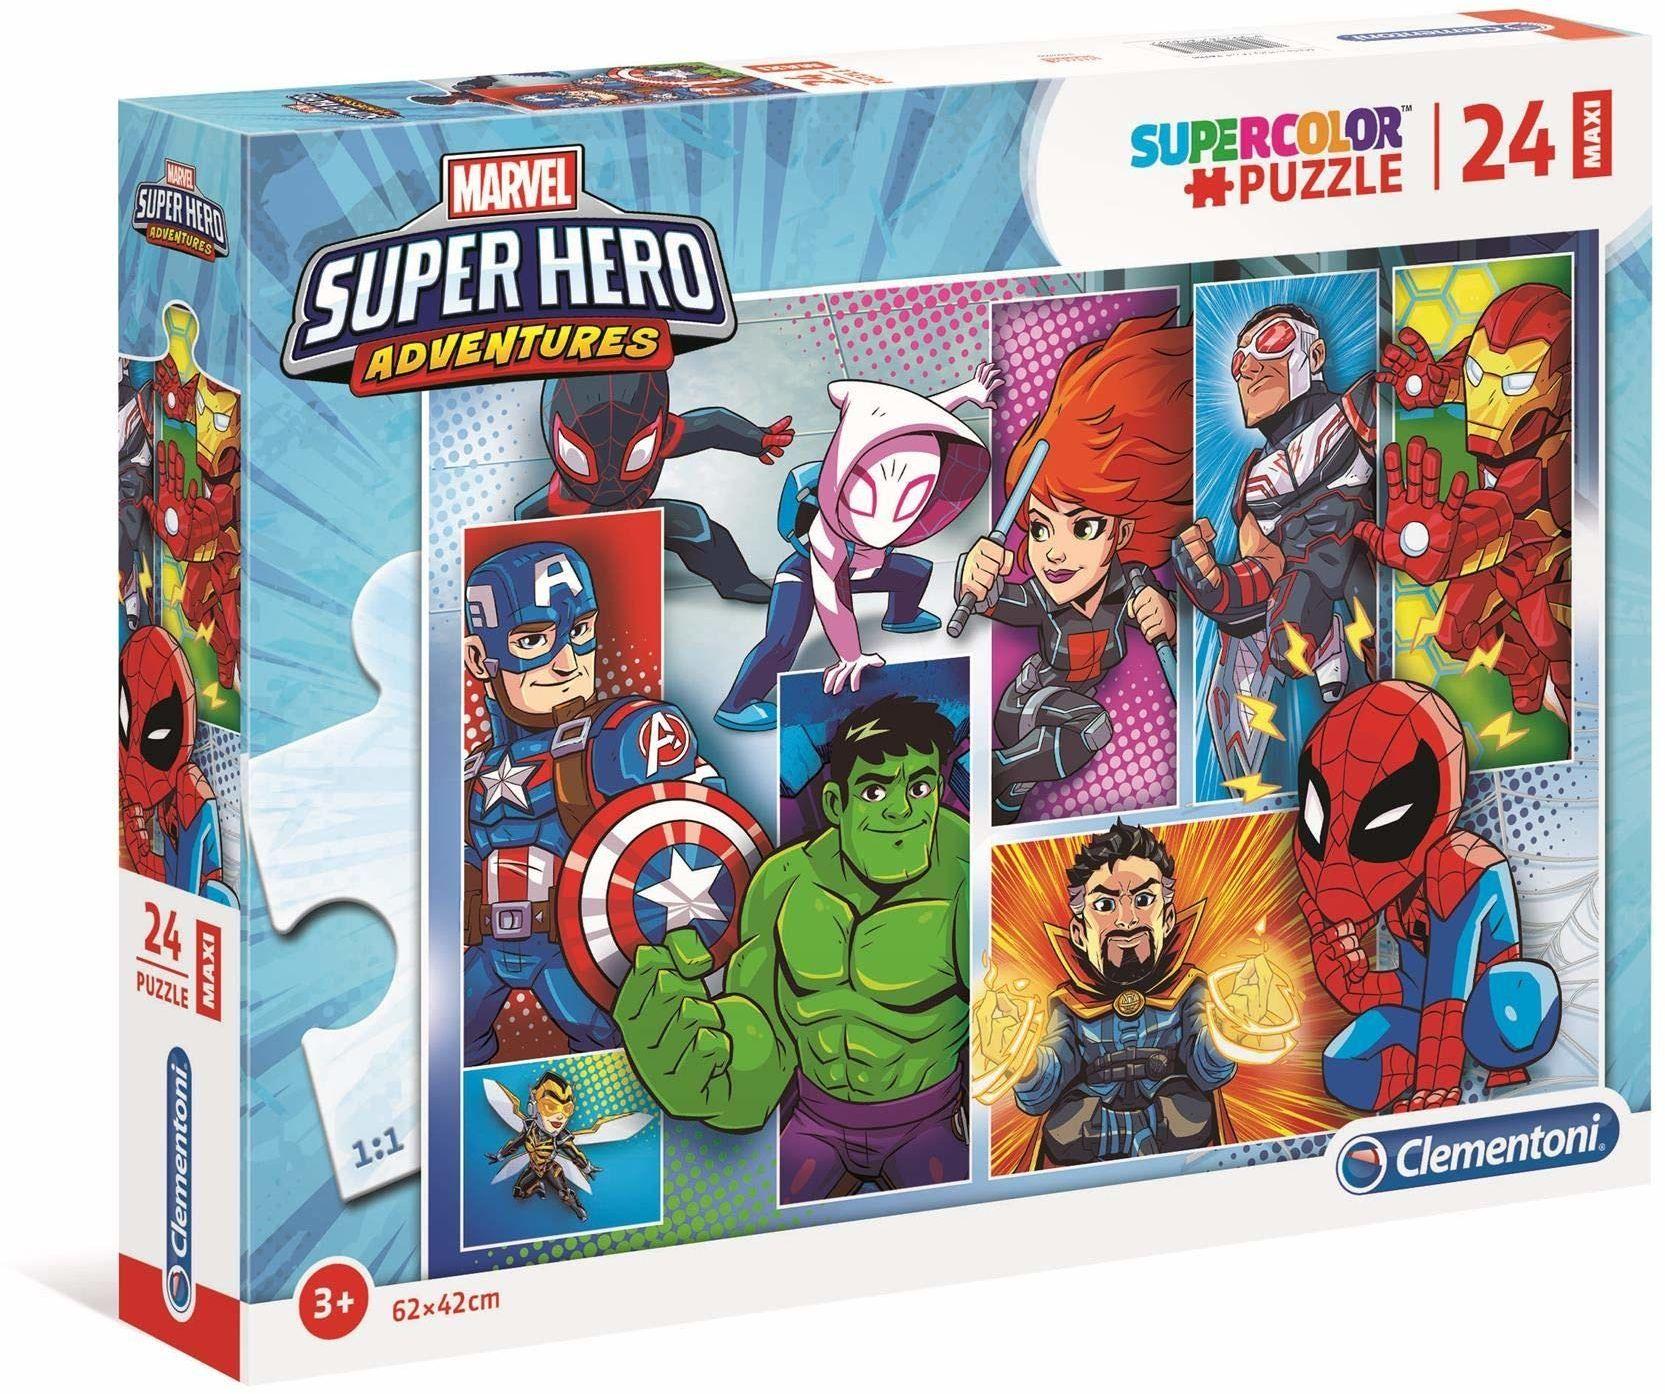 Clementoni 24208 24 szt. Puzzle Maxi Marvel Superhero